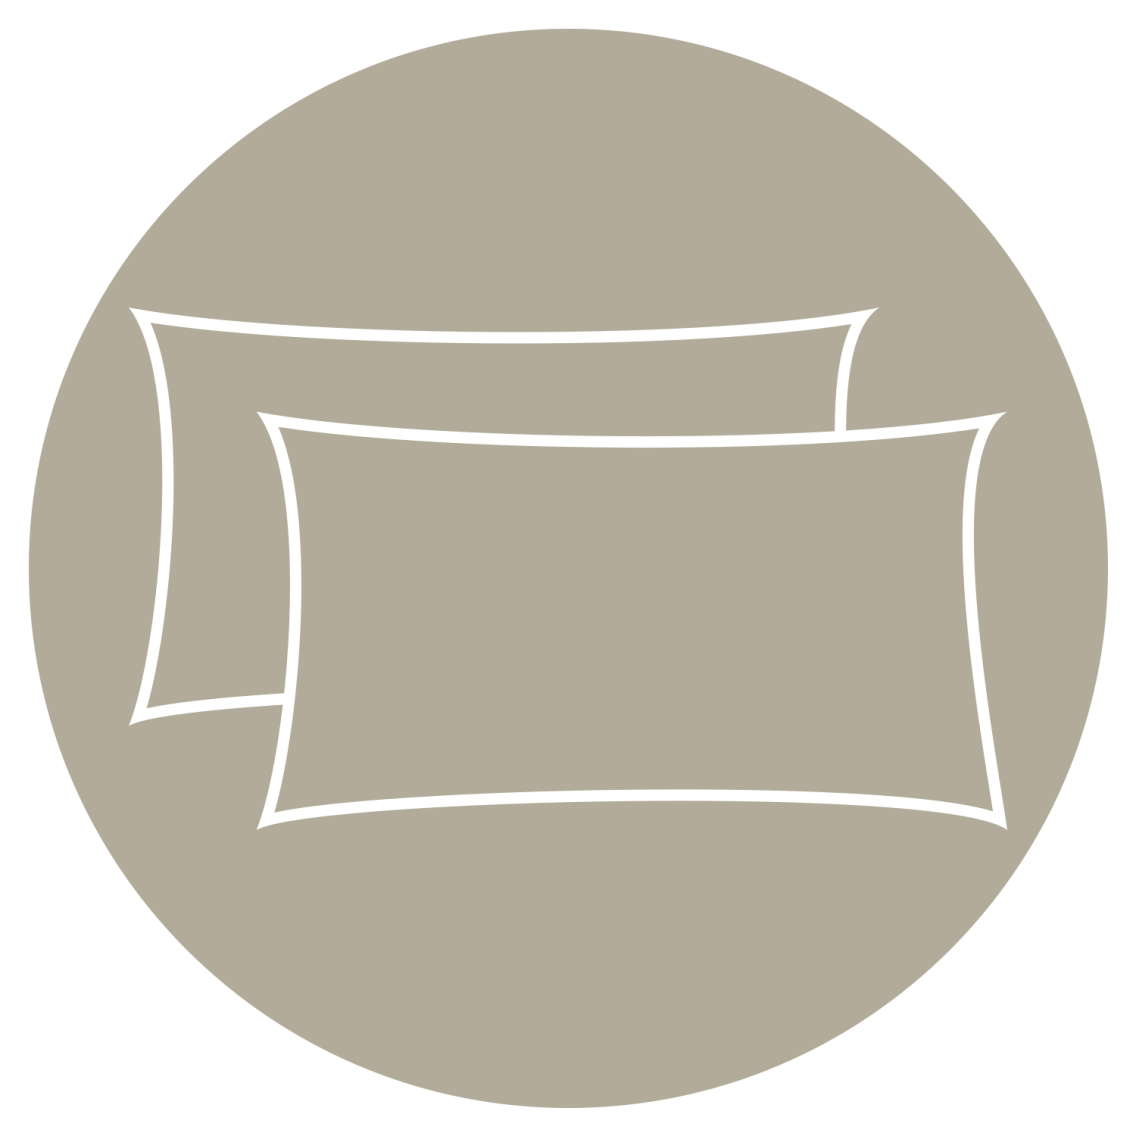 aya-kapadokya-room-features-amenities-icon-pillow-menu